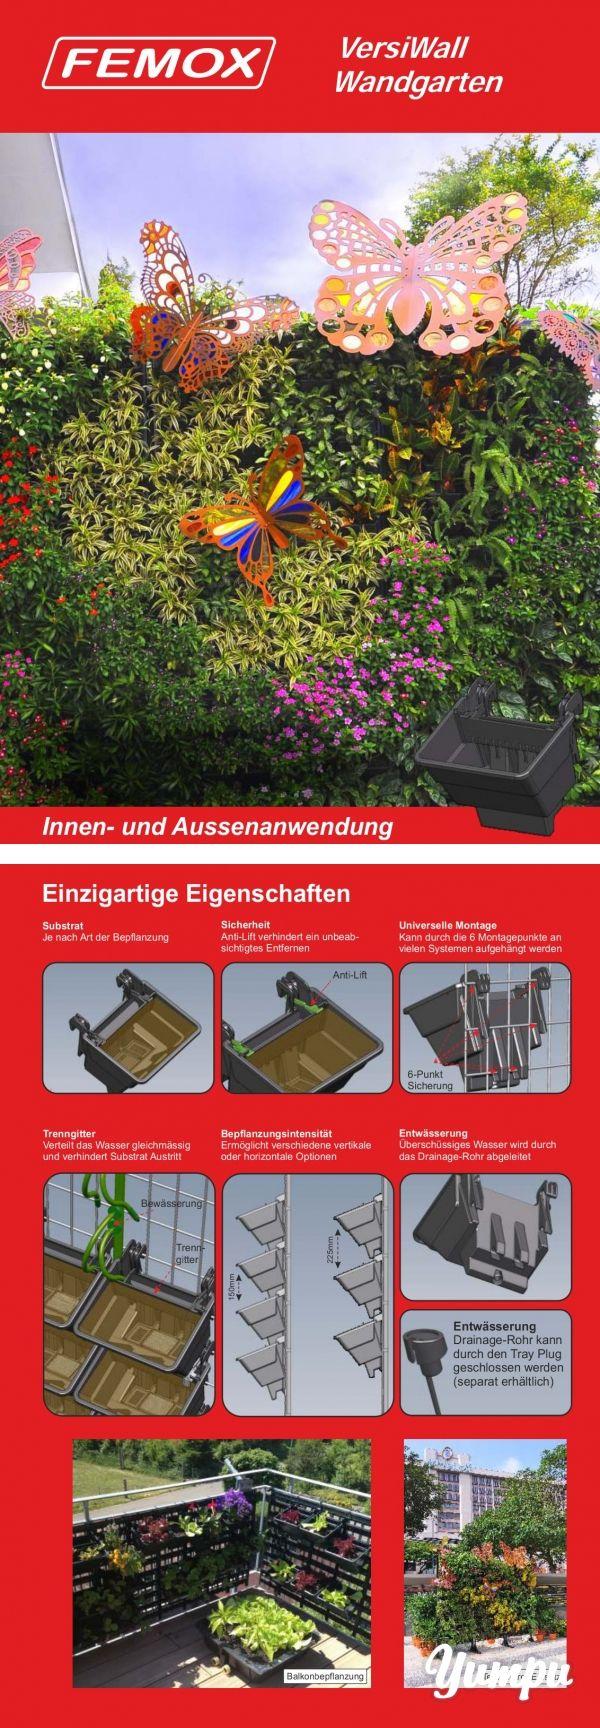 Popular femox versiwall wandgarten de Magazine with pages Versiwall Wandgarten Vertikalbegr nung